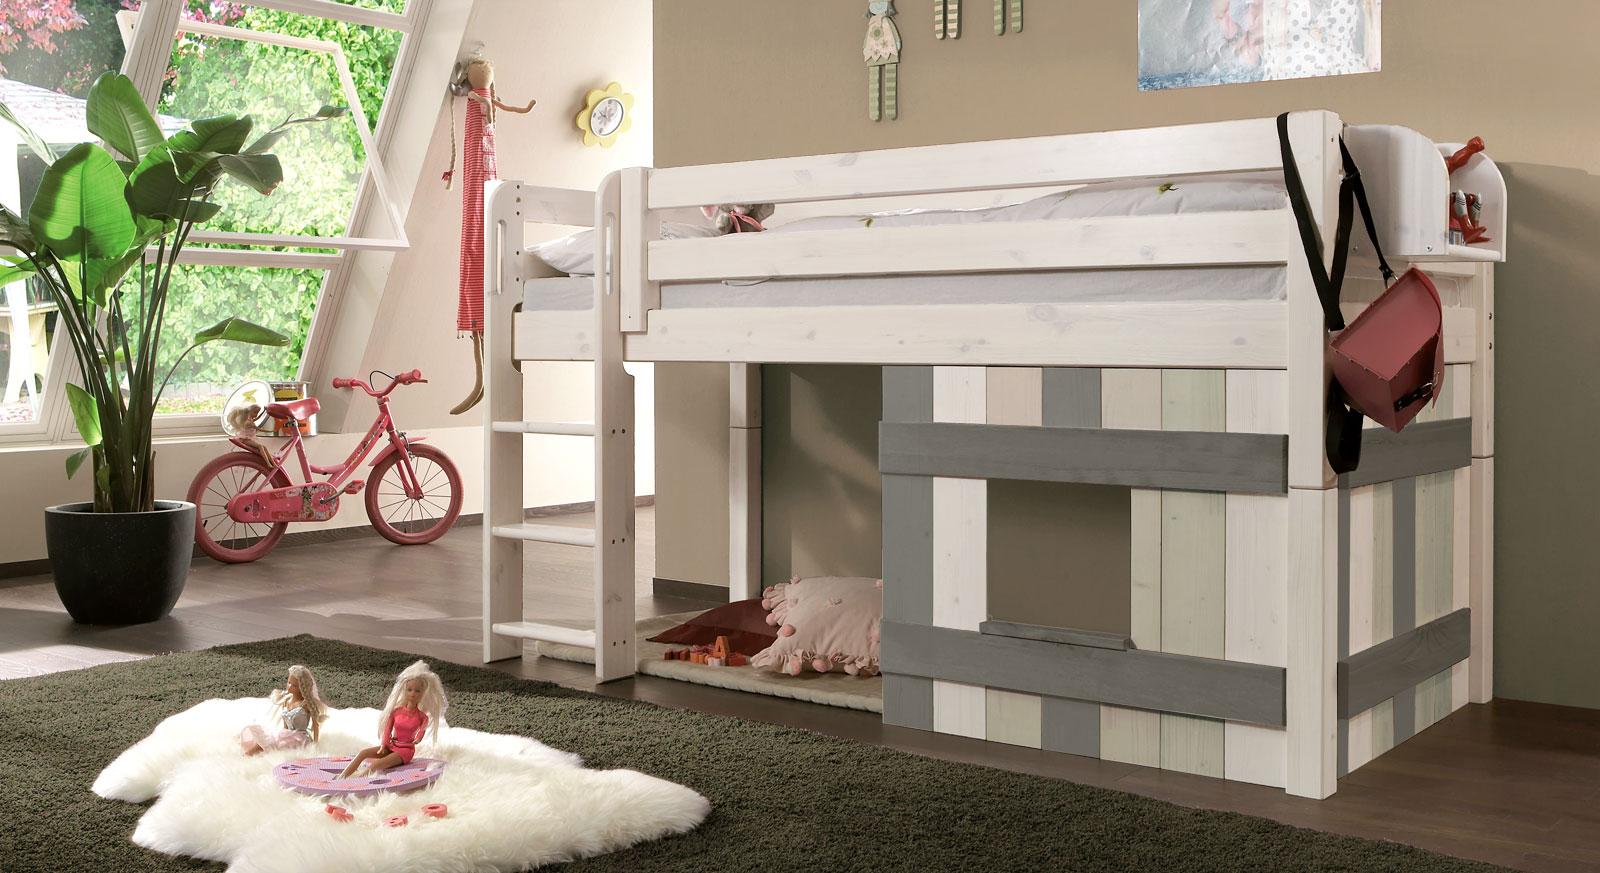 Etagenbett Unten Doppelbett : Bett pinokio kinderbett etagenbett doppelbett weiss blau emoebel